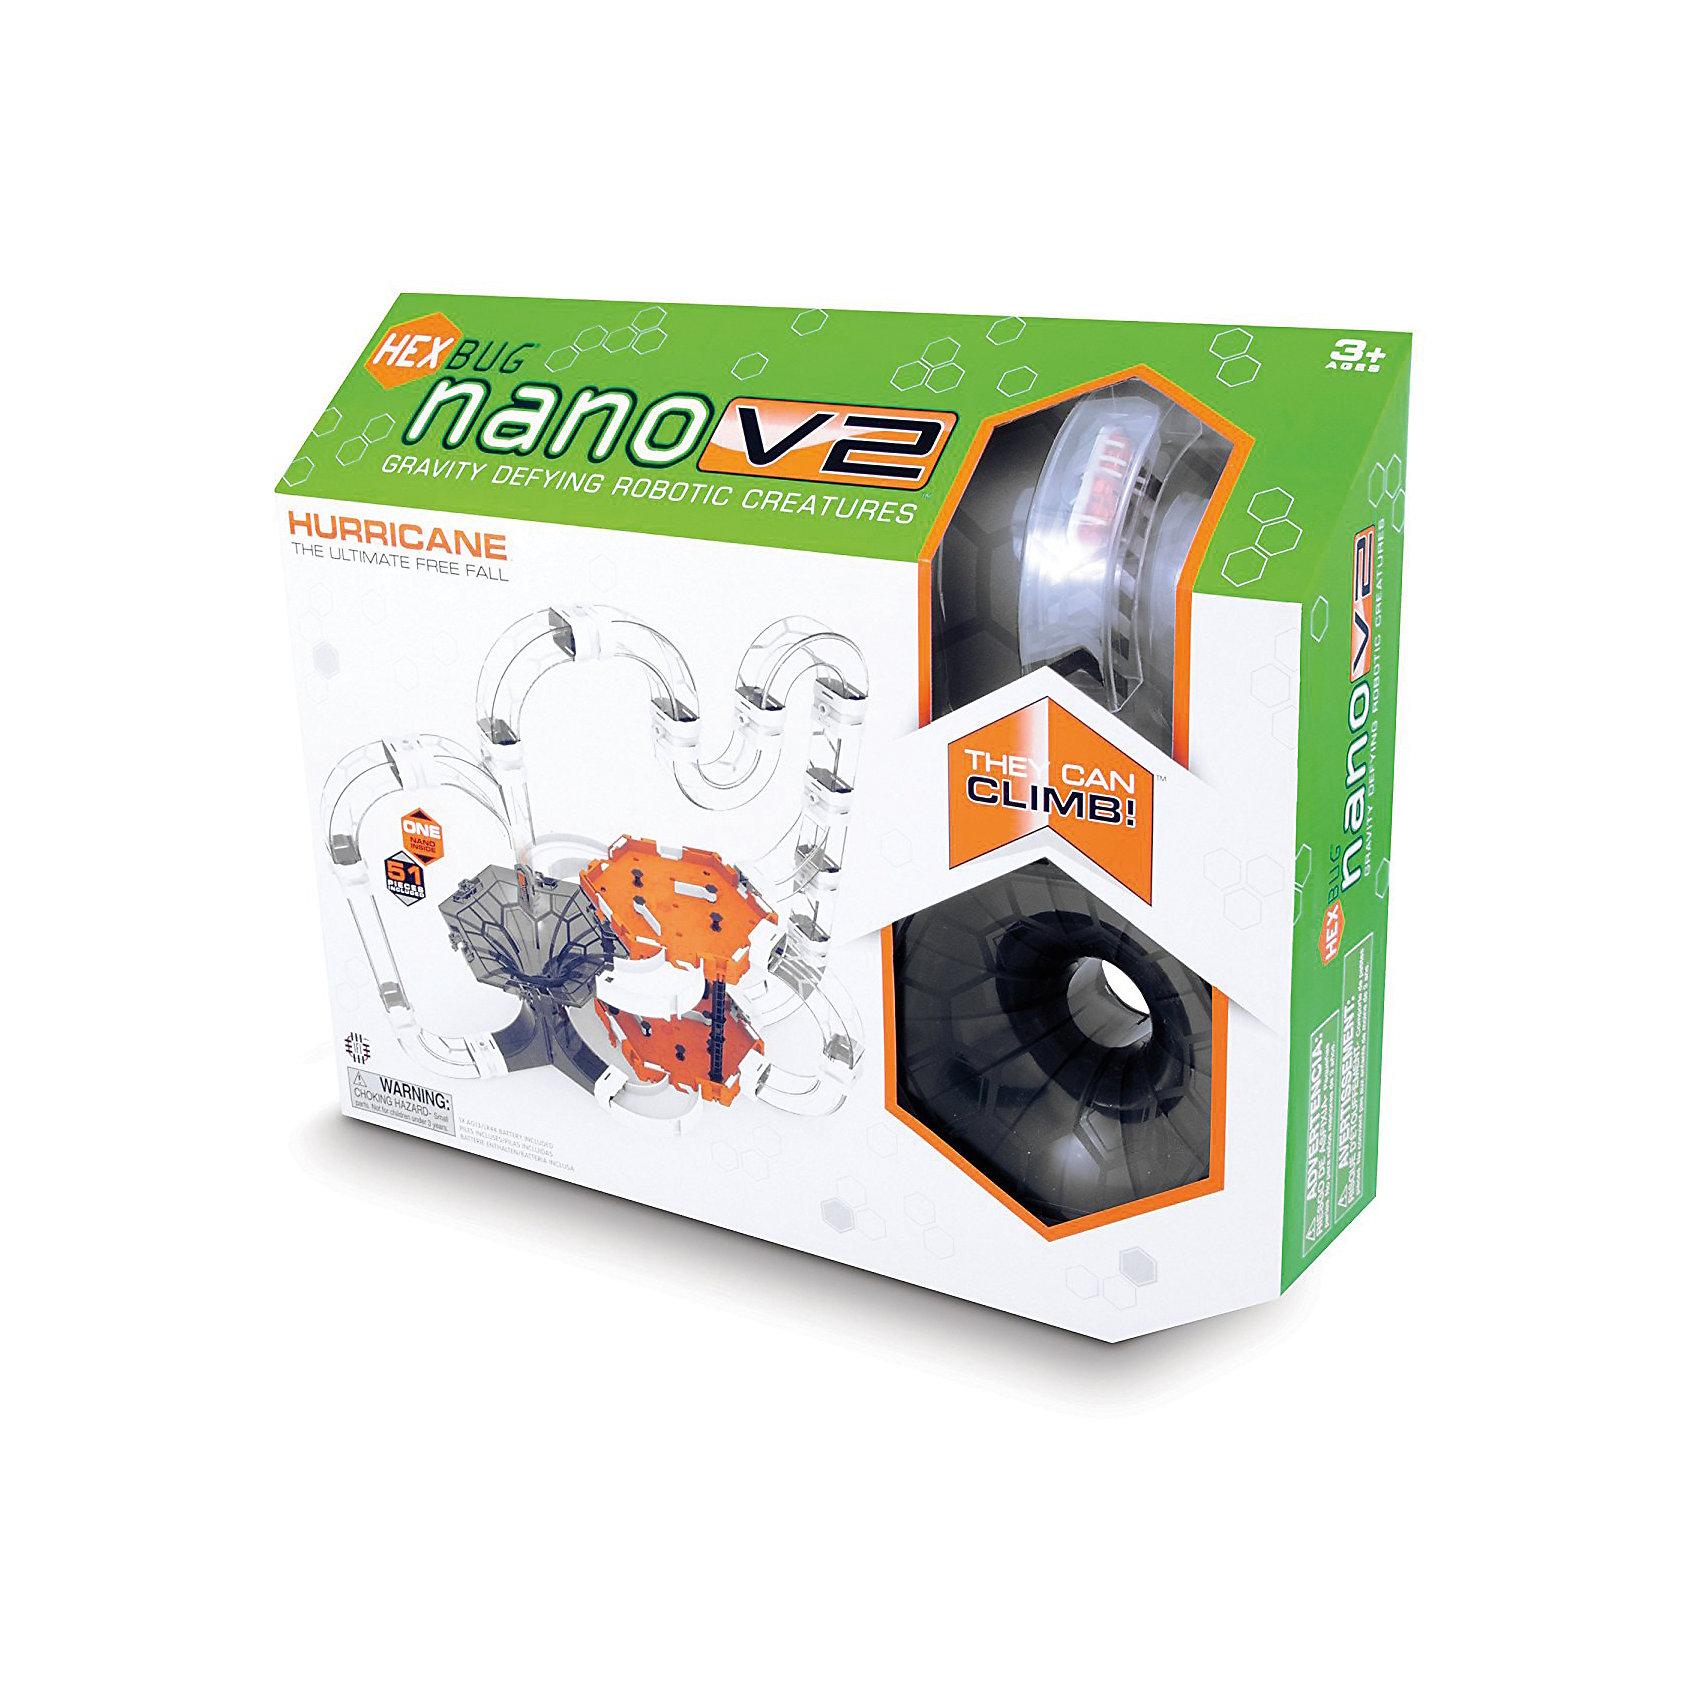 Нано V2 Харикейн сэт - большой игровой набор для Нано V2, HexbugПрочие интерактивные игрушки<br><br><br>Ширина мм: 350<br>Глубина мм: 90<br>Высота мм: 430<br>Вес г: 1004<br>Возраст от месяцев: 36<br>Возраст до месяцев: 2147483647<br>Пол: Унисекс<br>Возраст: Детский<br>SKU: 5507201